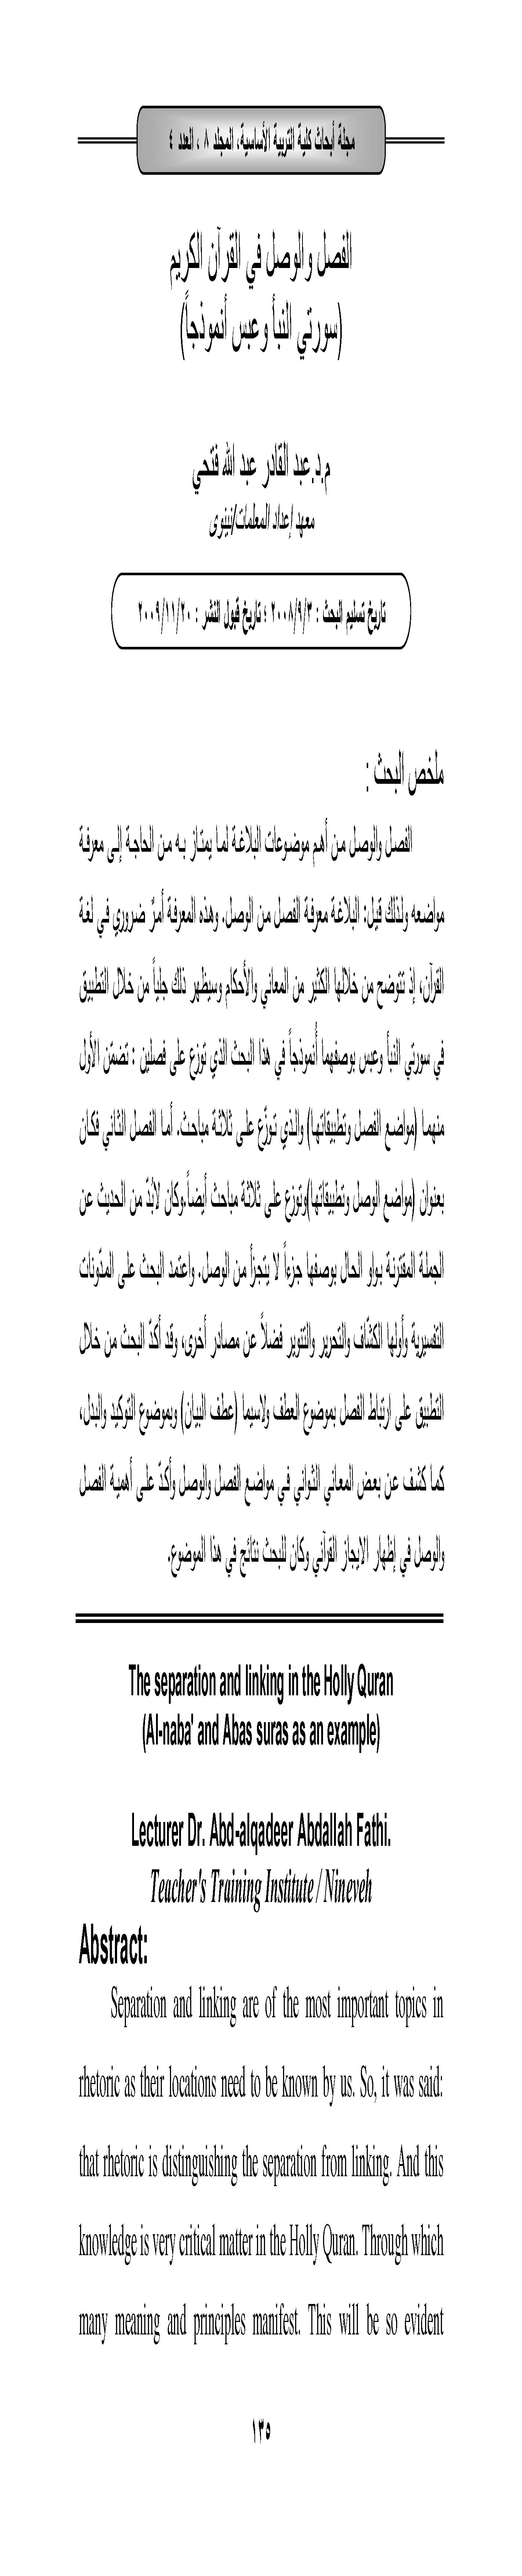 تحميل كتاب الفصل والوصل في القرآن الكريم (سورتي النبأ وعبس أنموذجًا) لـِ: الدكتور عبد القادر عبد الله فتحي الحمداني